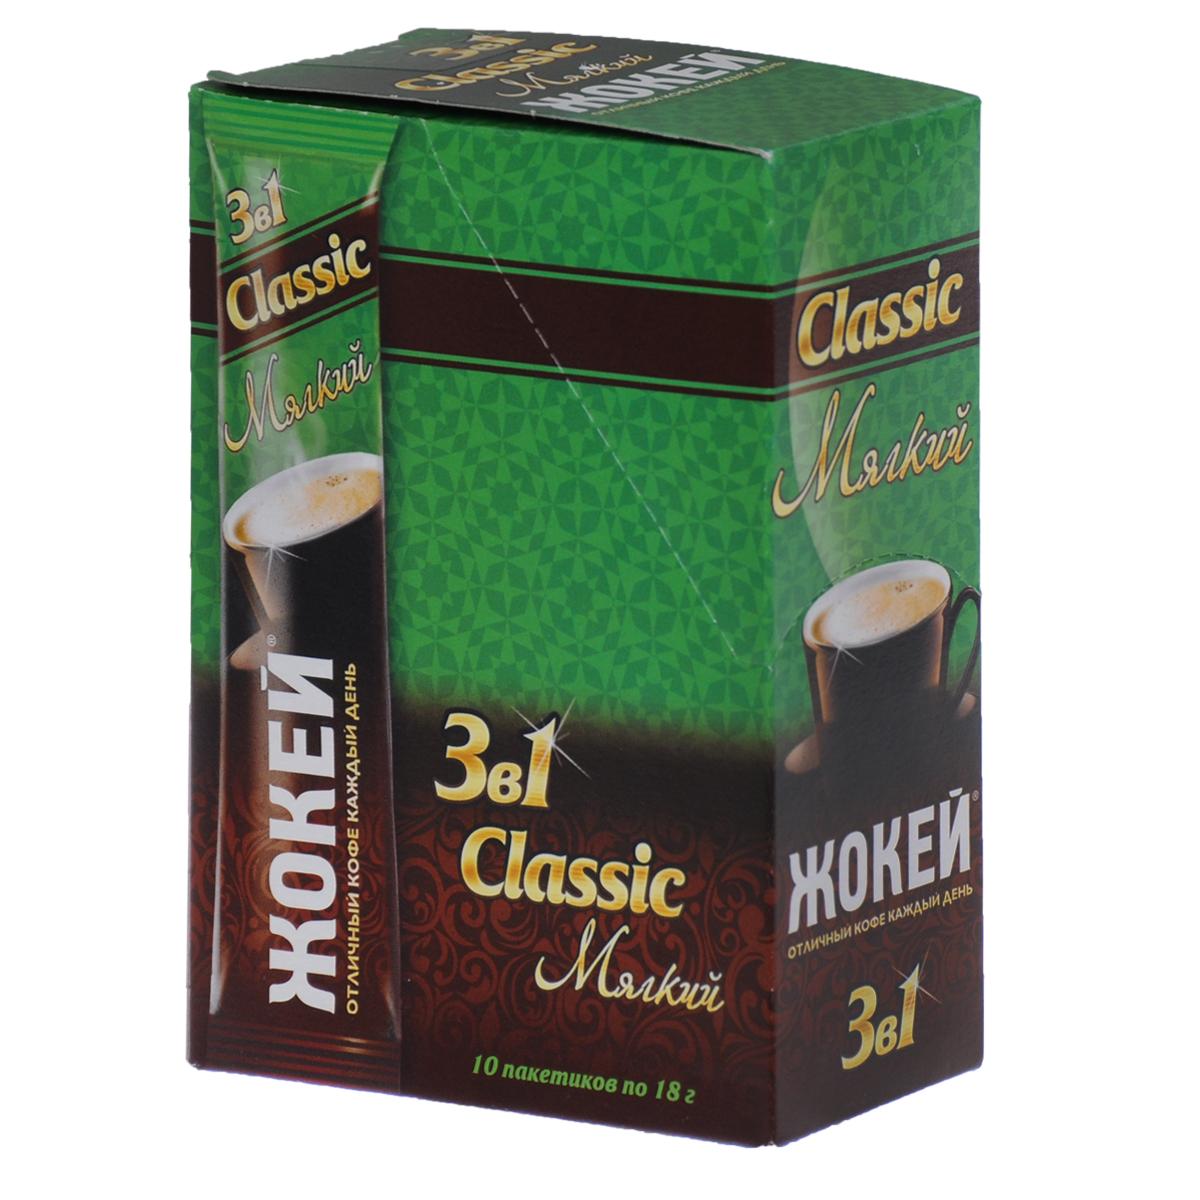 Жокей Classic растворимый кофейный напиток, 10 шт8004769253563Жокей Classic - растворимый кофе с сахаром и сливками. Классическое сочетание кофе, сливок и сахара.